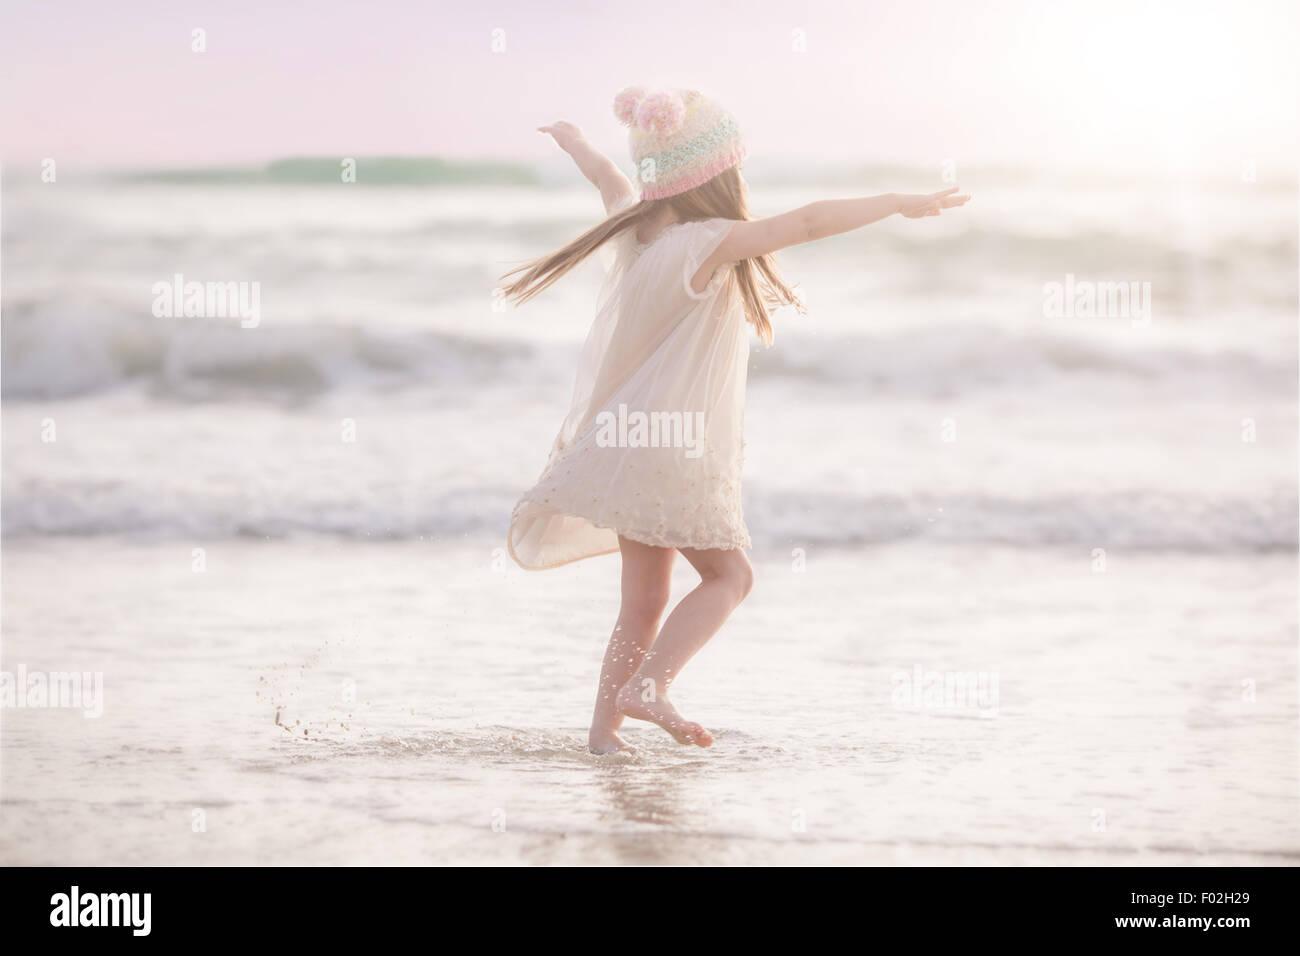 Chica bailando en la playa Imagen De Stock